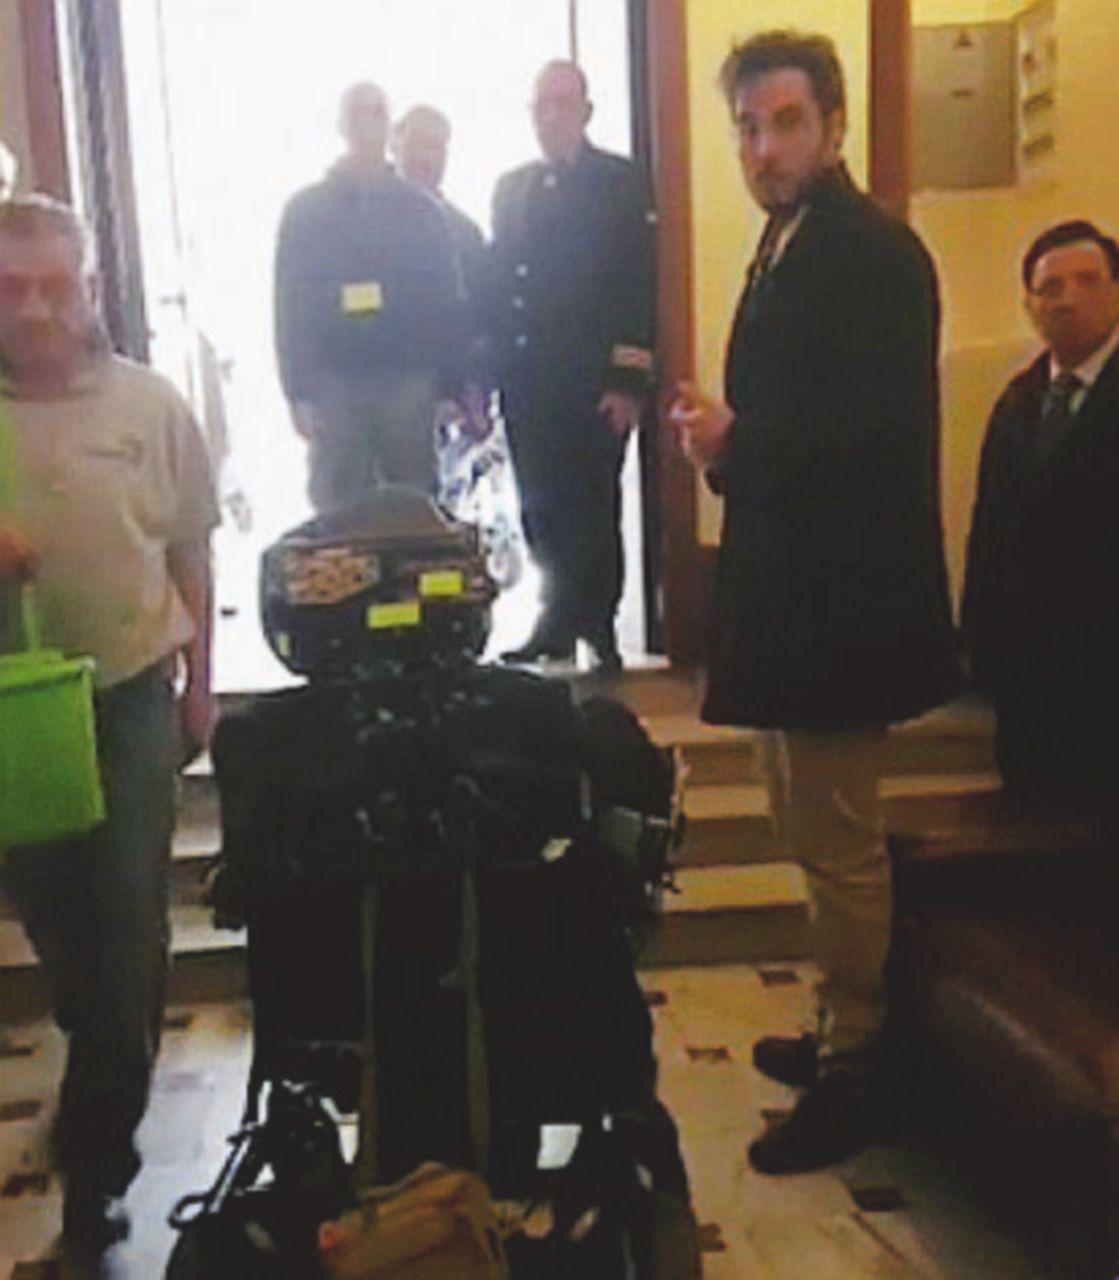 Sicilia, riunione sulla disabilità ma i disabili non possono entrare